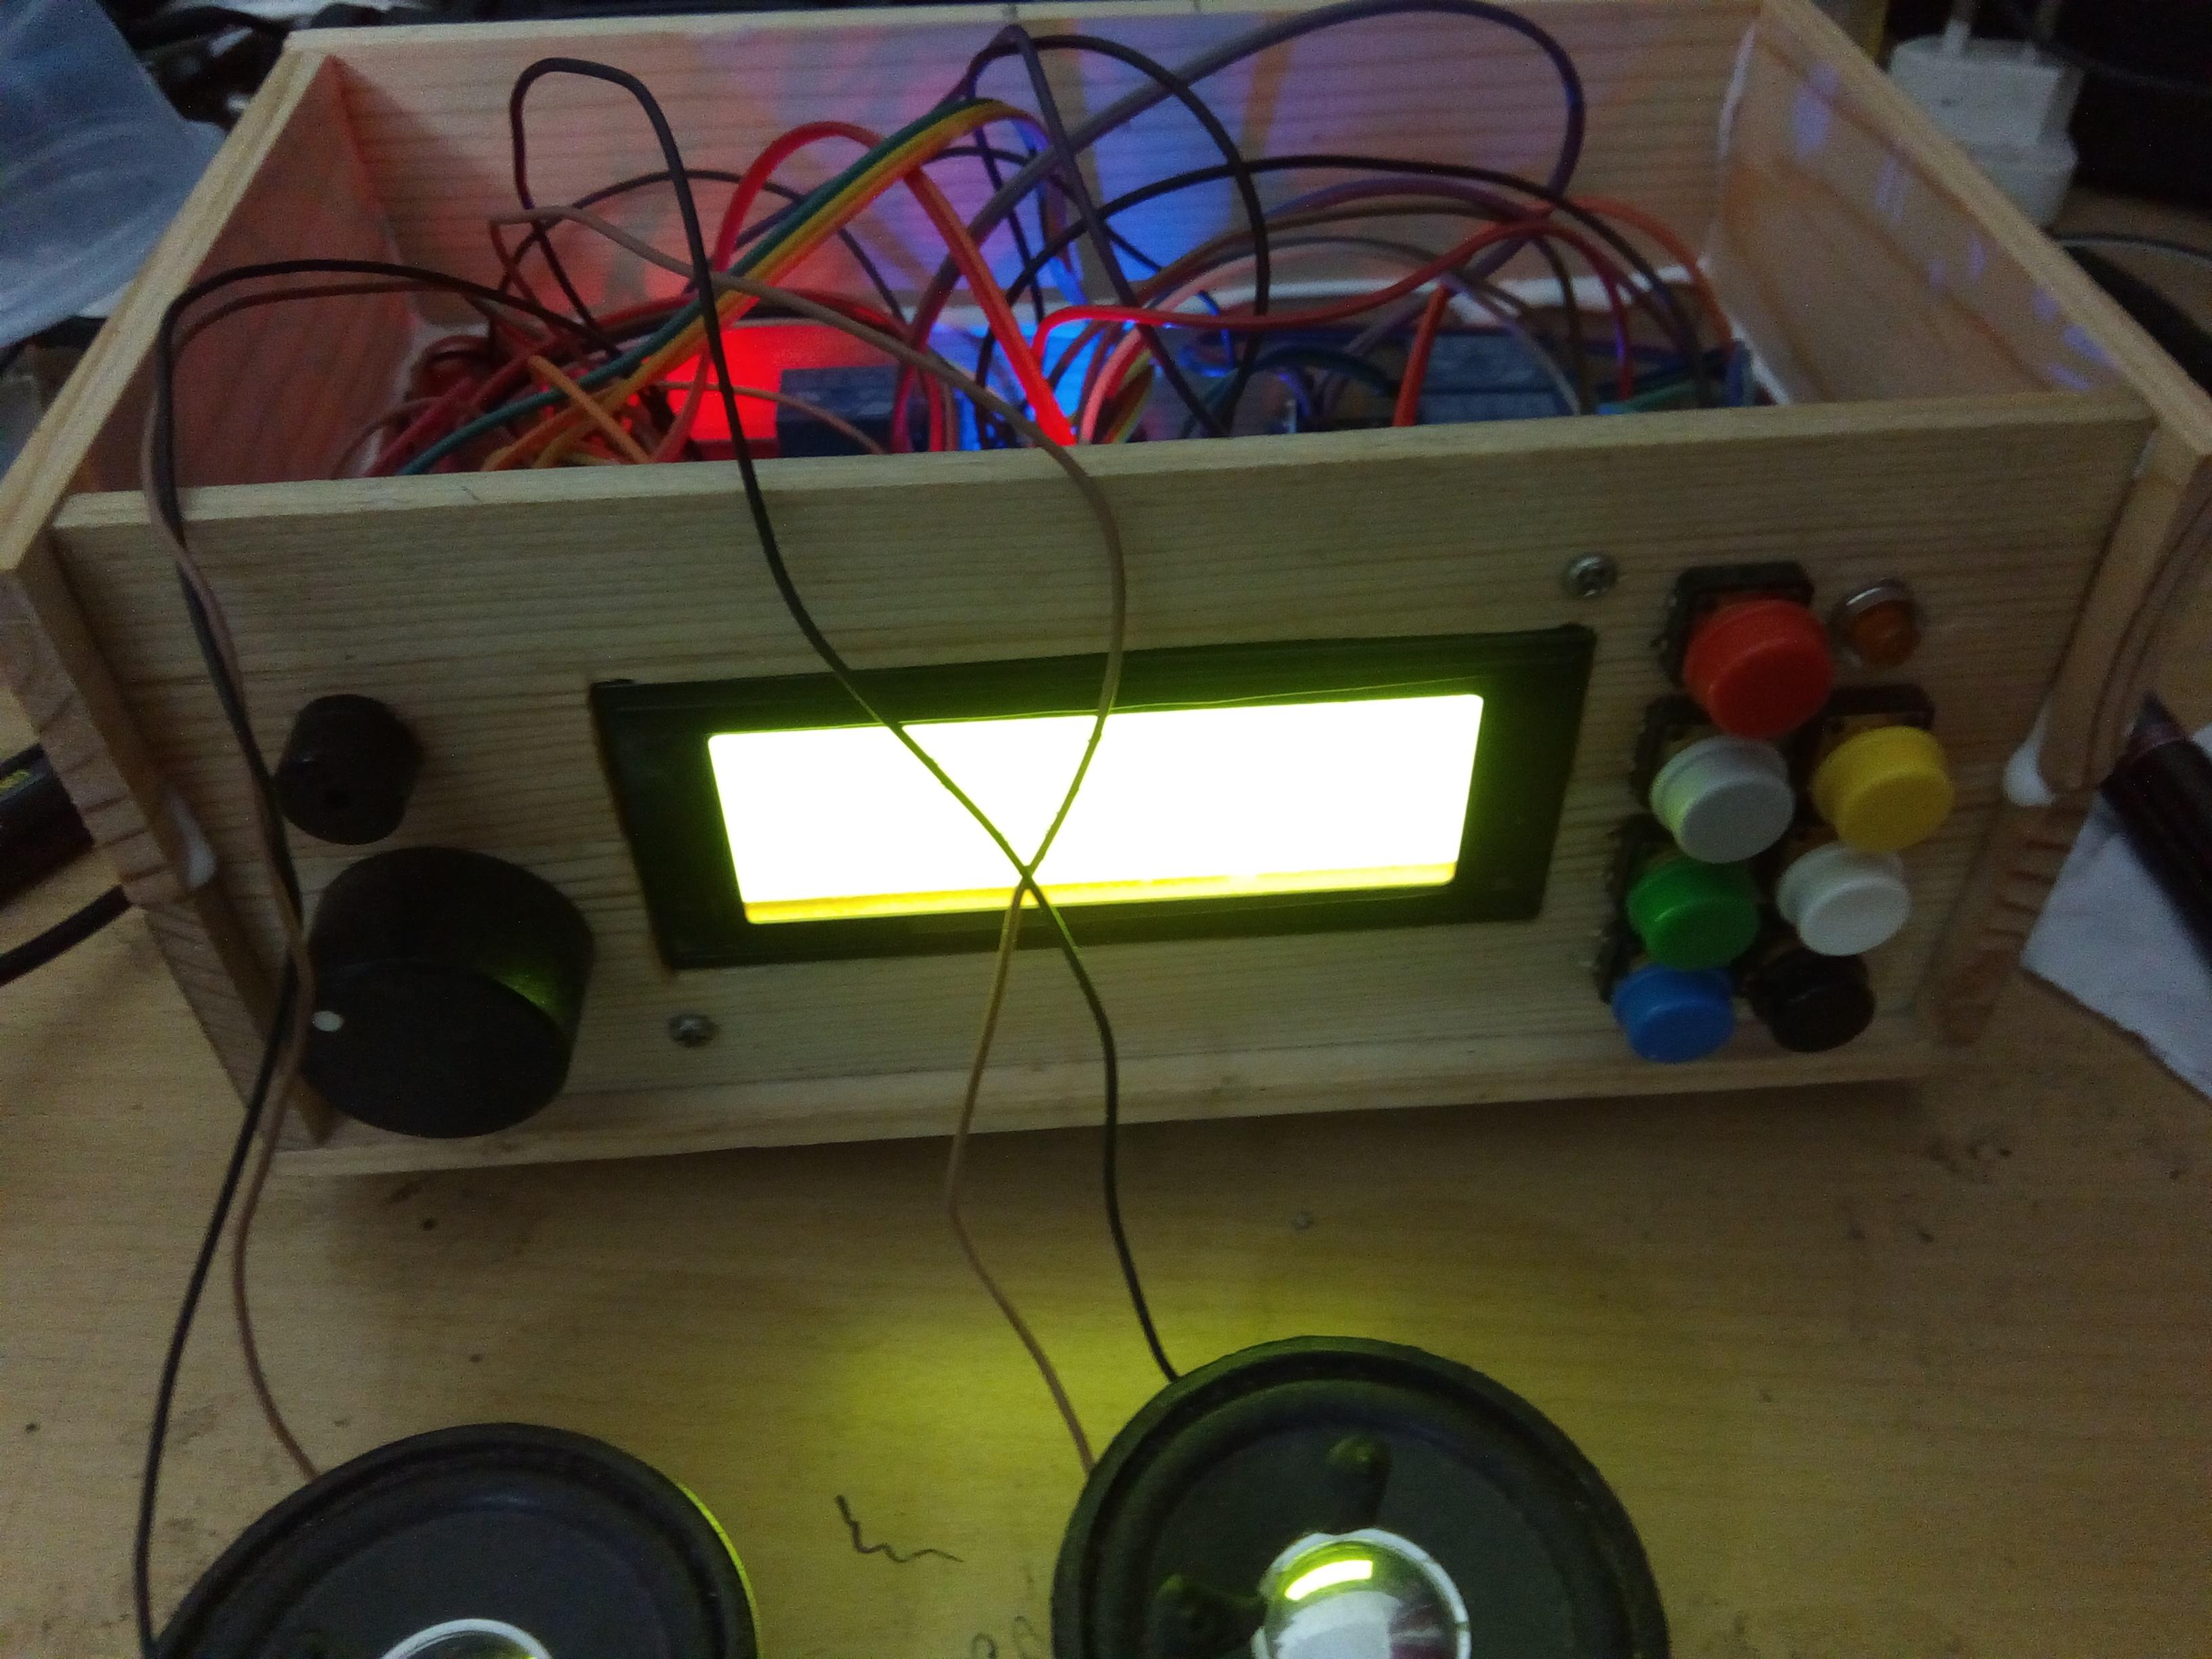 Alarm Clock Radio Using Arduino